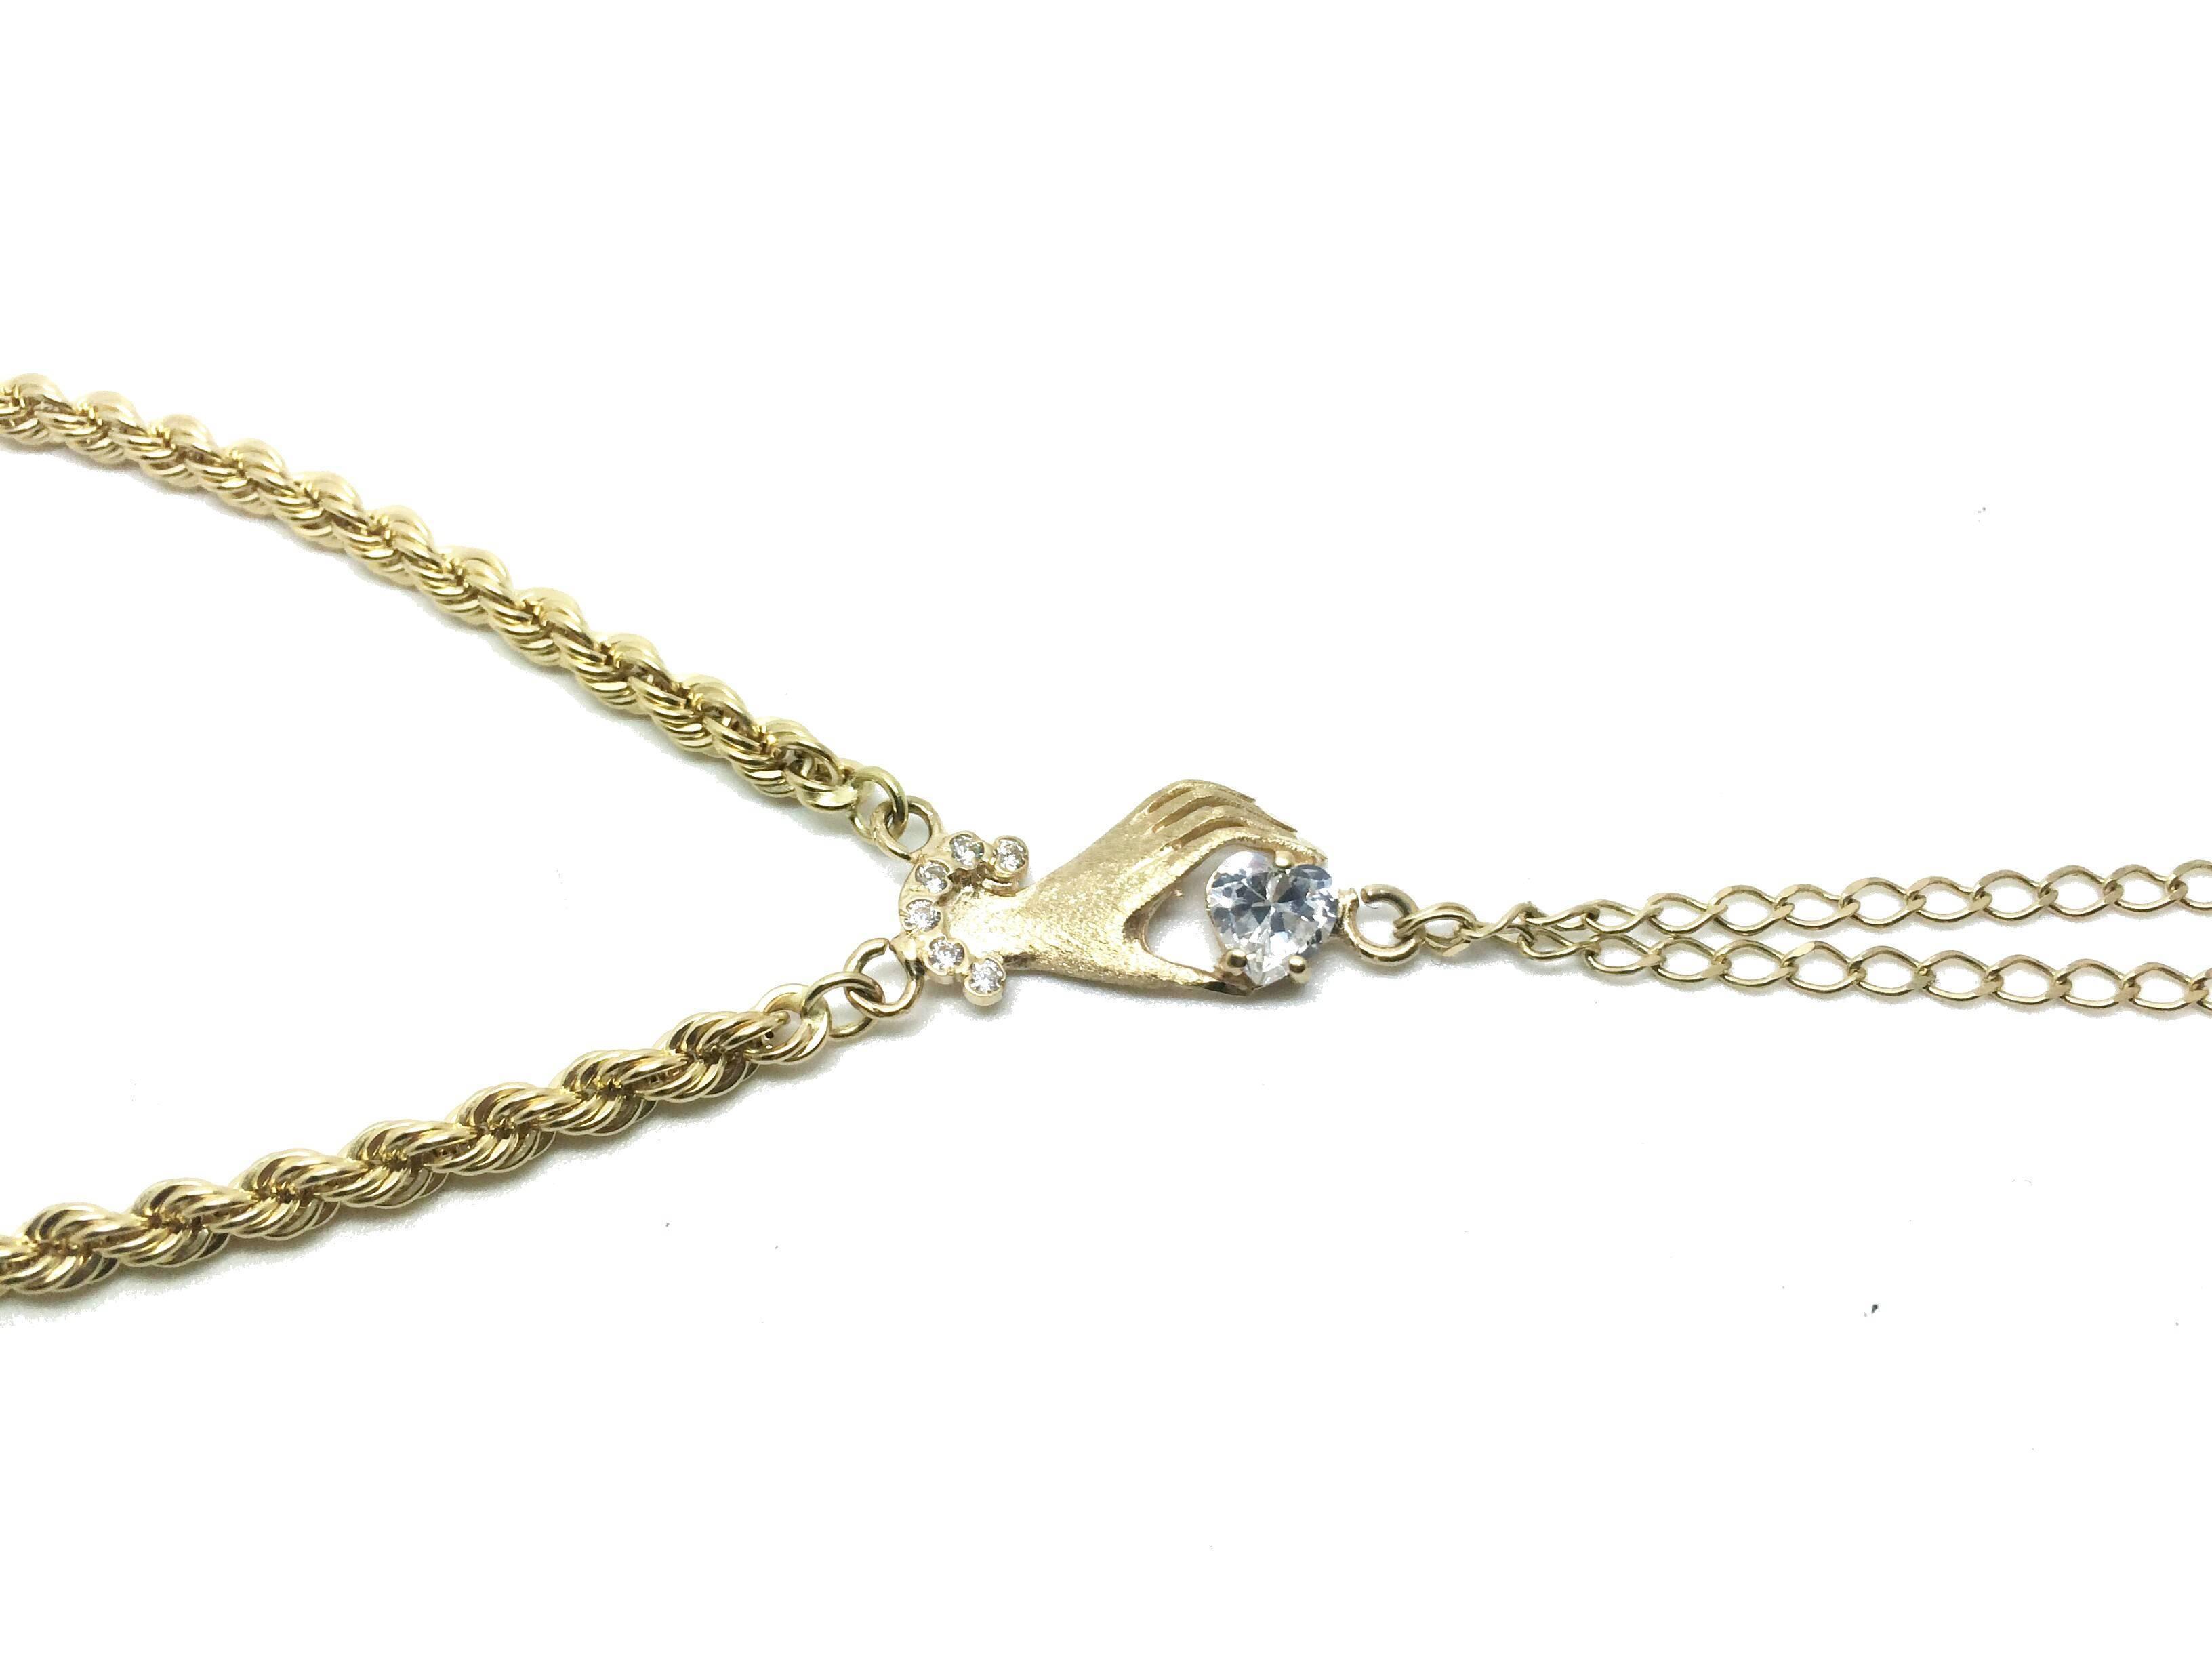 061a949701f6 Pulsera de dedo oro Joyería Juan Luis Larráyoz Pamplona joyería online  comprar pulsera